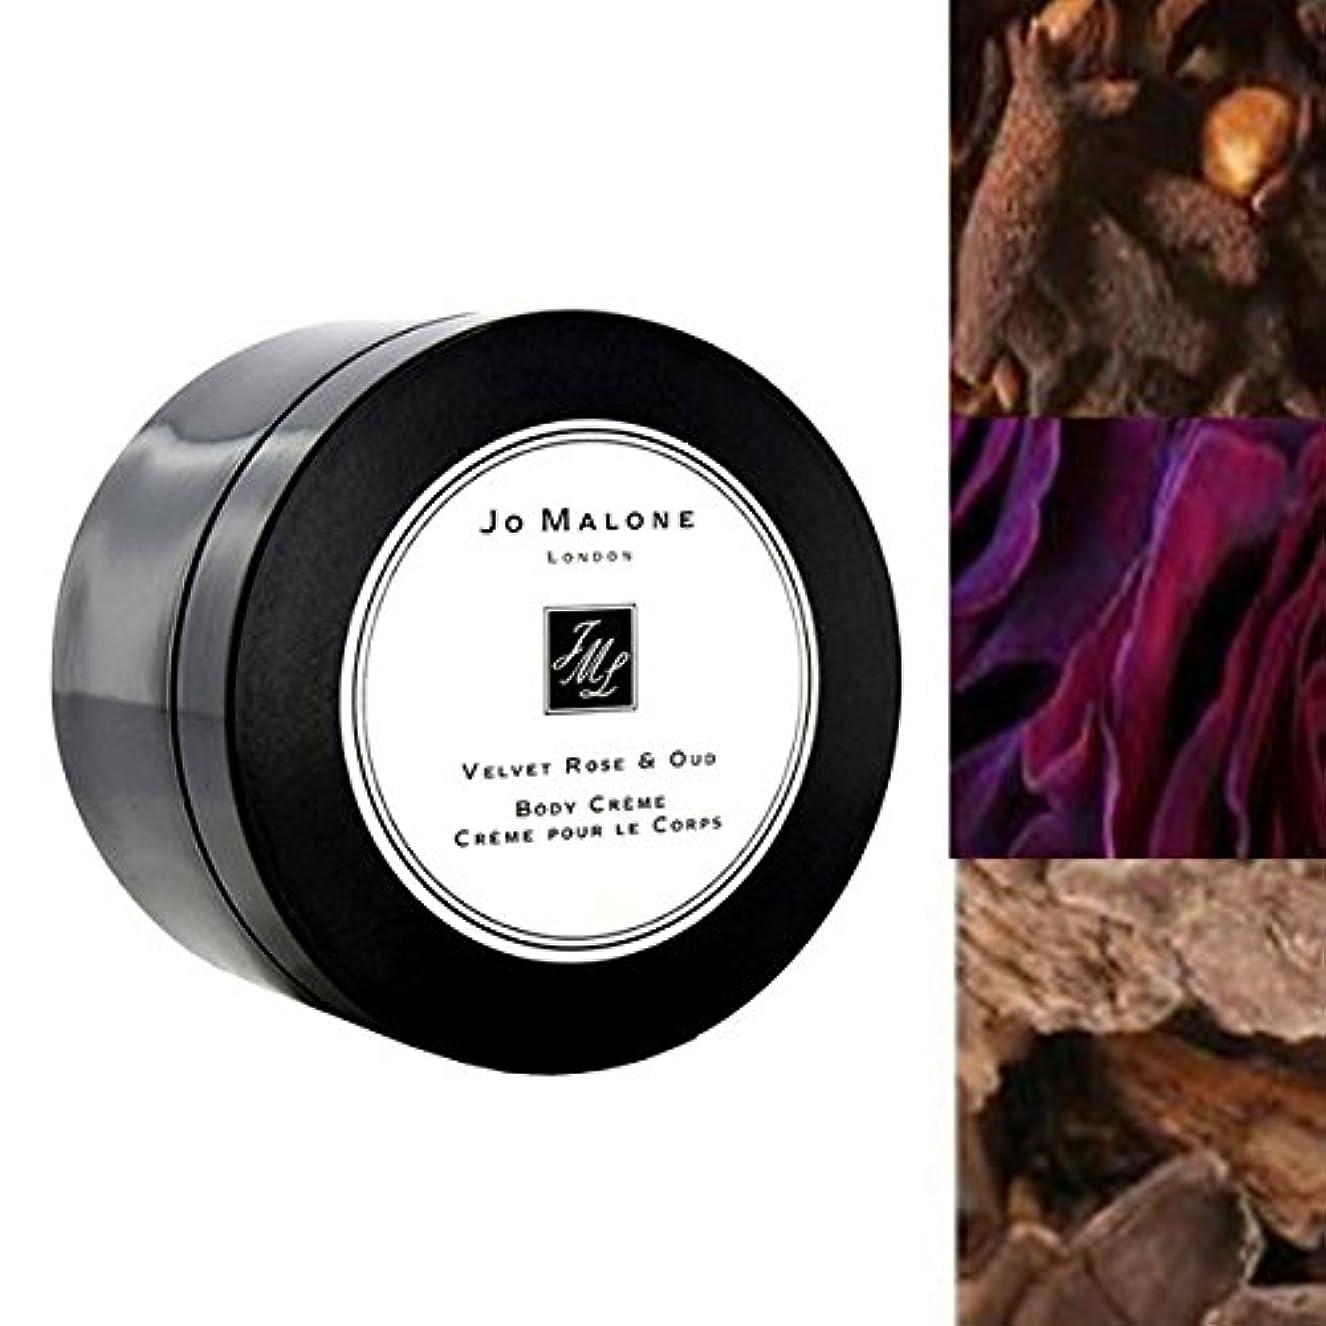 スポット単位物理的なJo Malone London ジョーマローン, Velvet Rose & Oud Body Crème (5.9 oz.)[海外直送品] [並行輸入品]